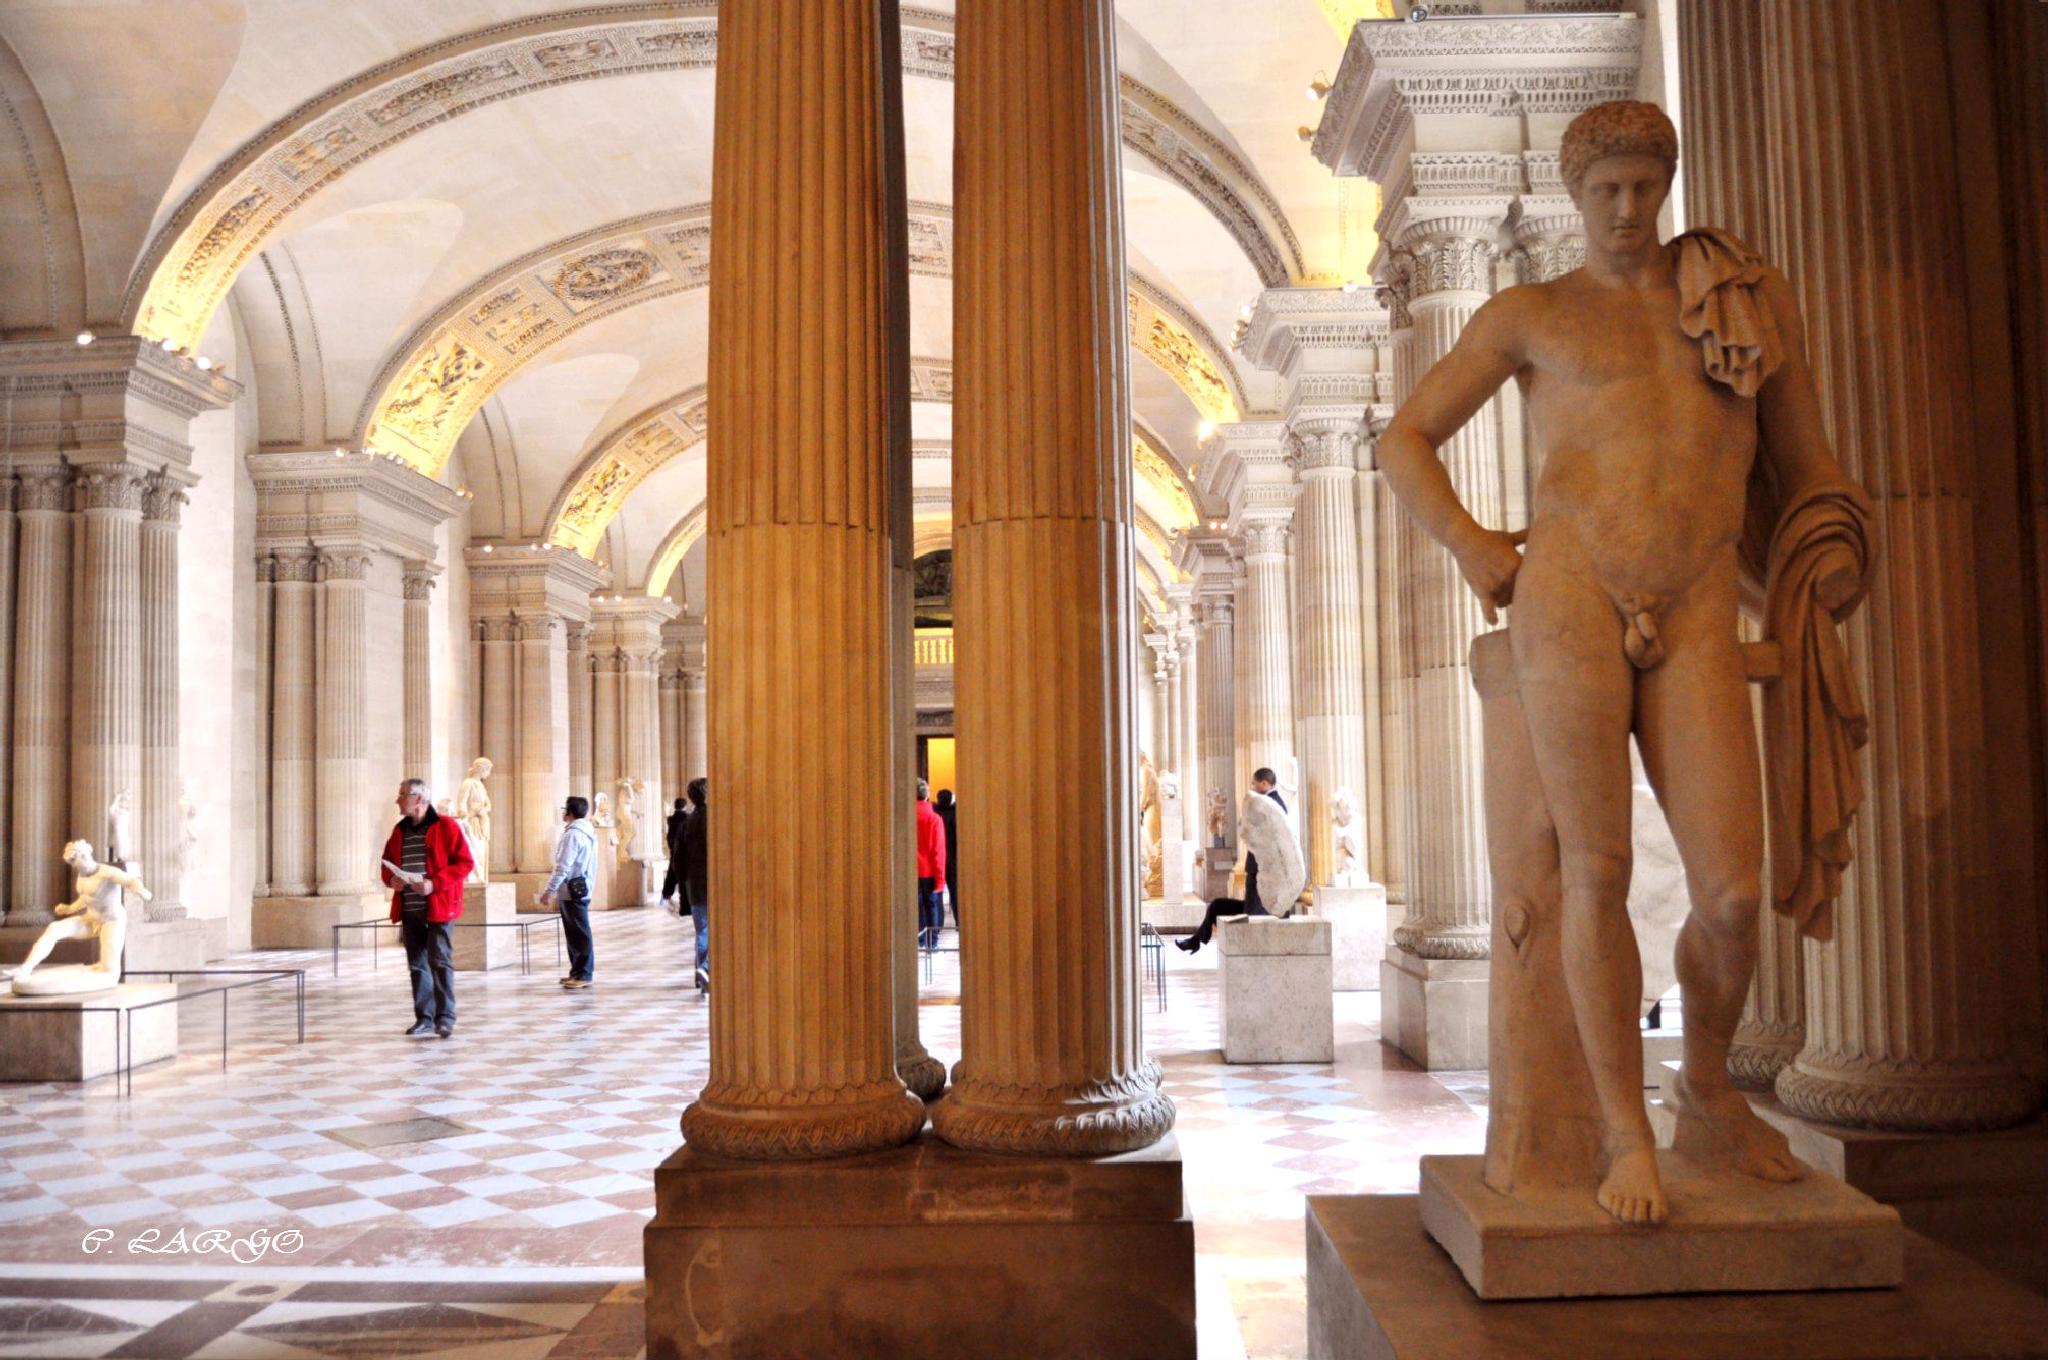 Le Louvre by carmenlargo13